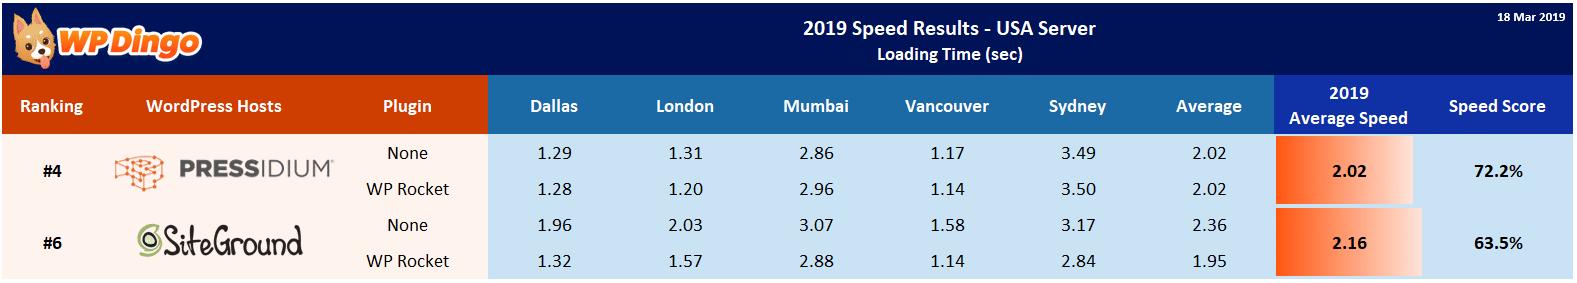 2019 Pressidium vs SiteGround Speed Table - USA Server